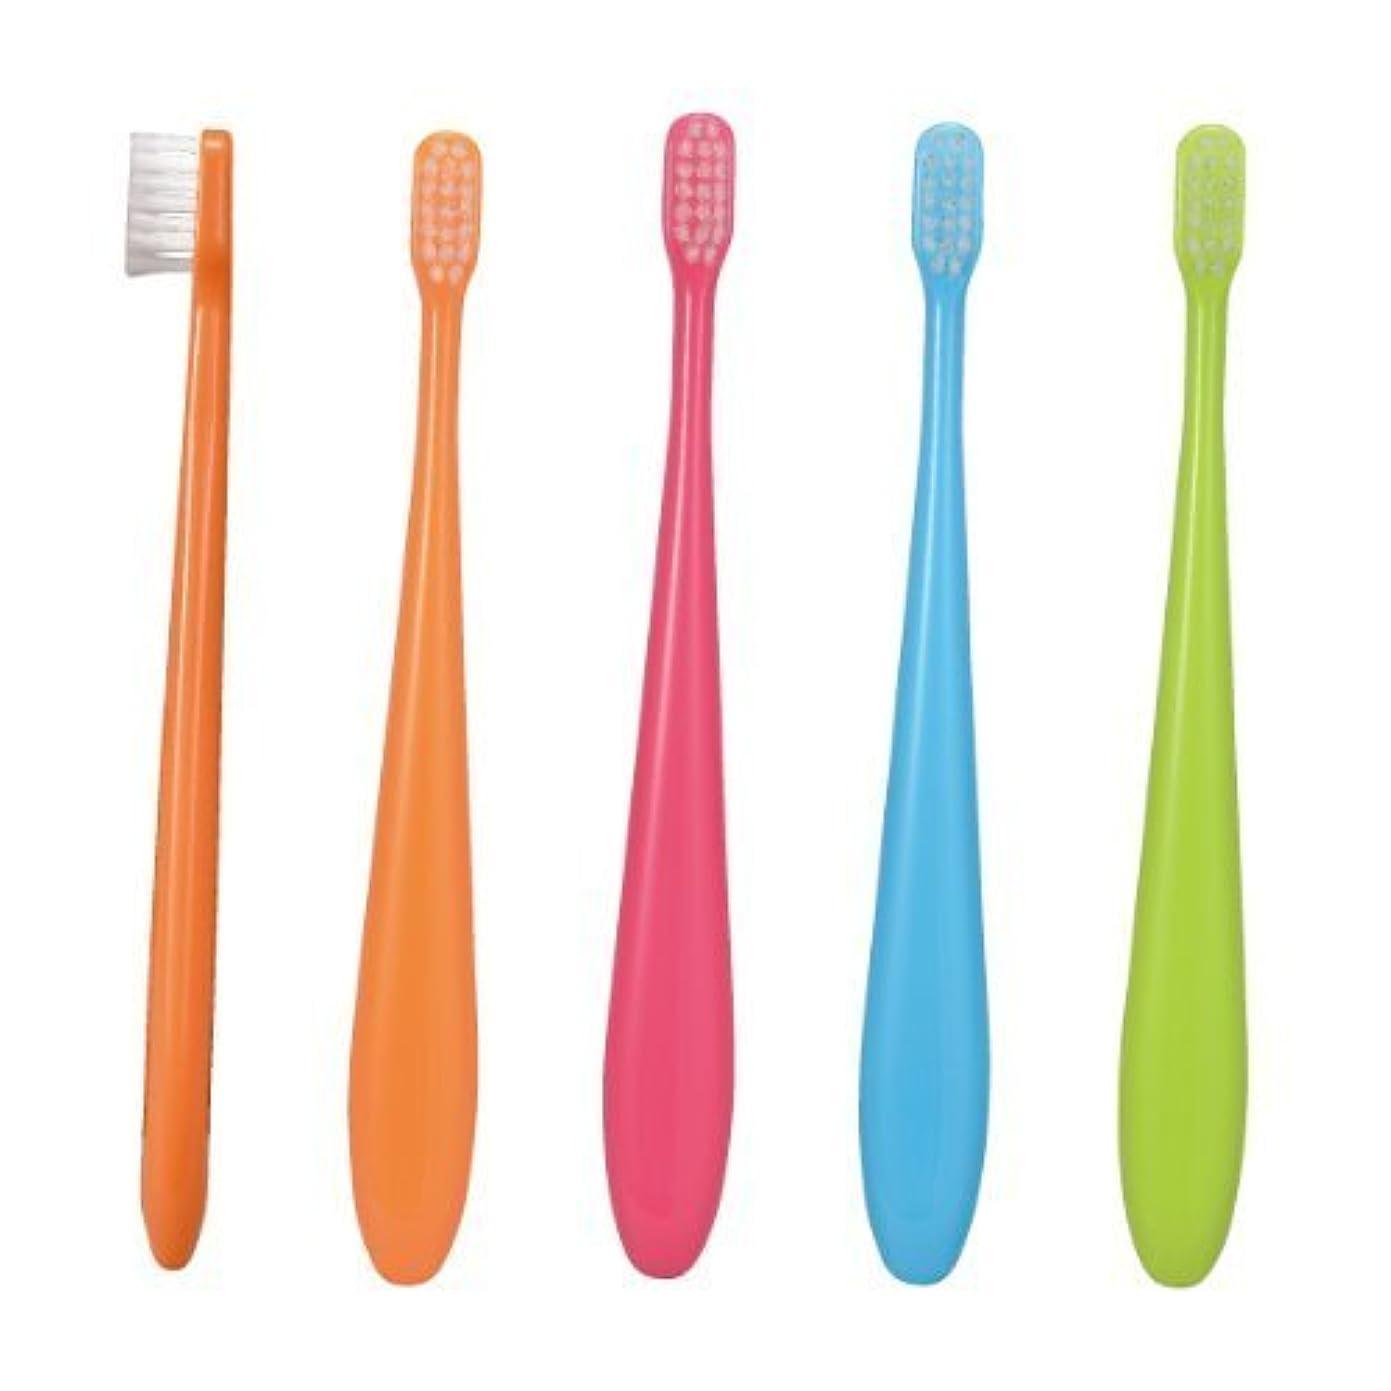 分注する負担問題Ciミニ歯ブラシ/ミディ 50本入り/Mふつう